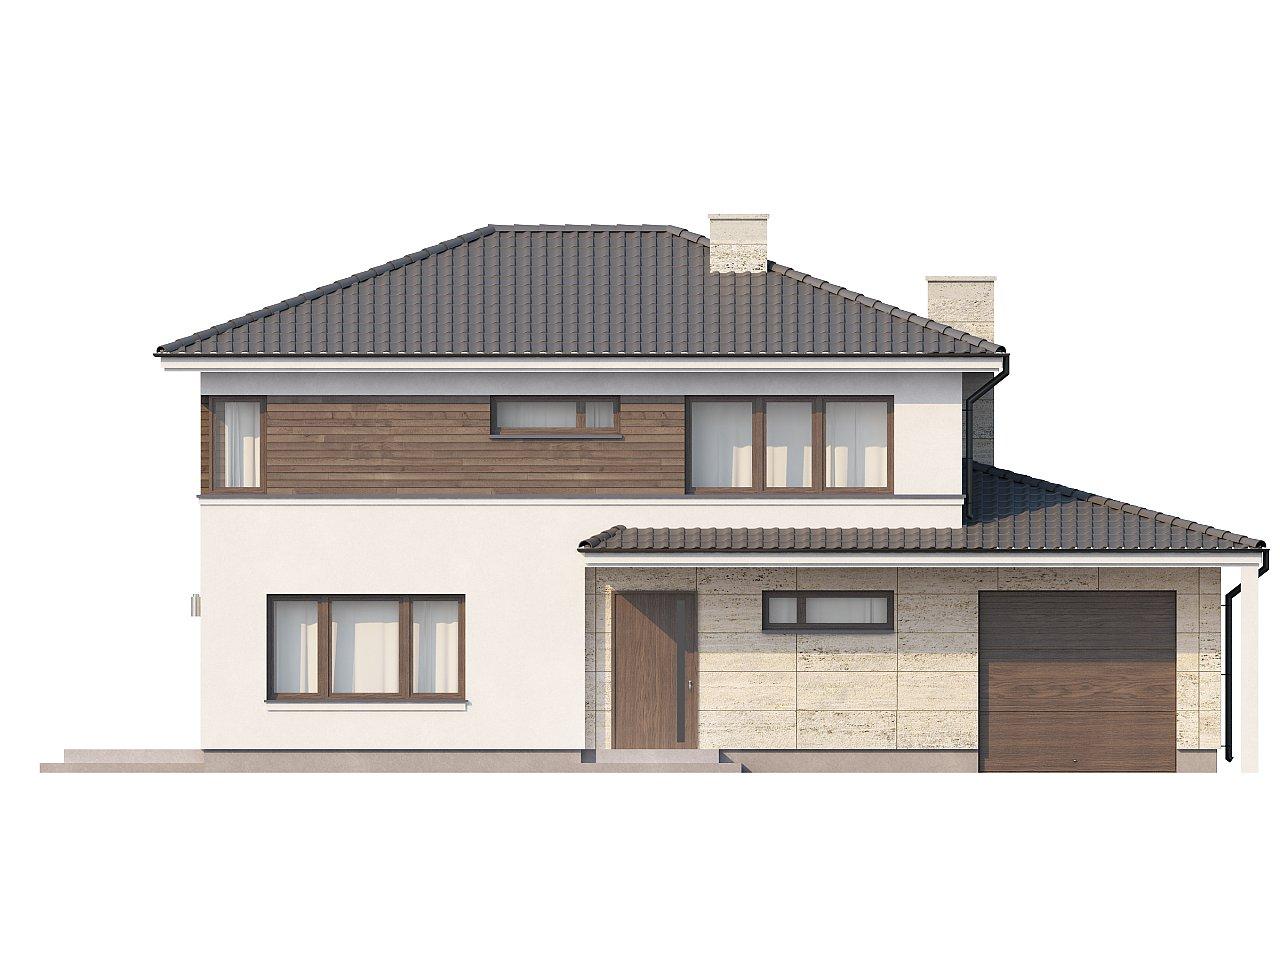 Двухэтажный современный дом с многоскатной низкой крышей, с гостиной с фронтальной стороны. - фото 3